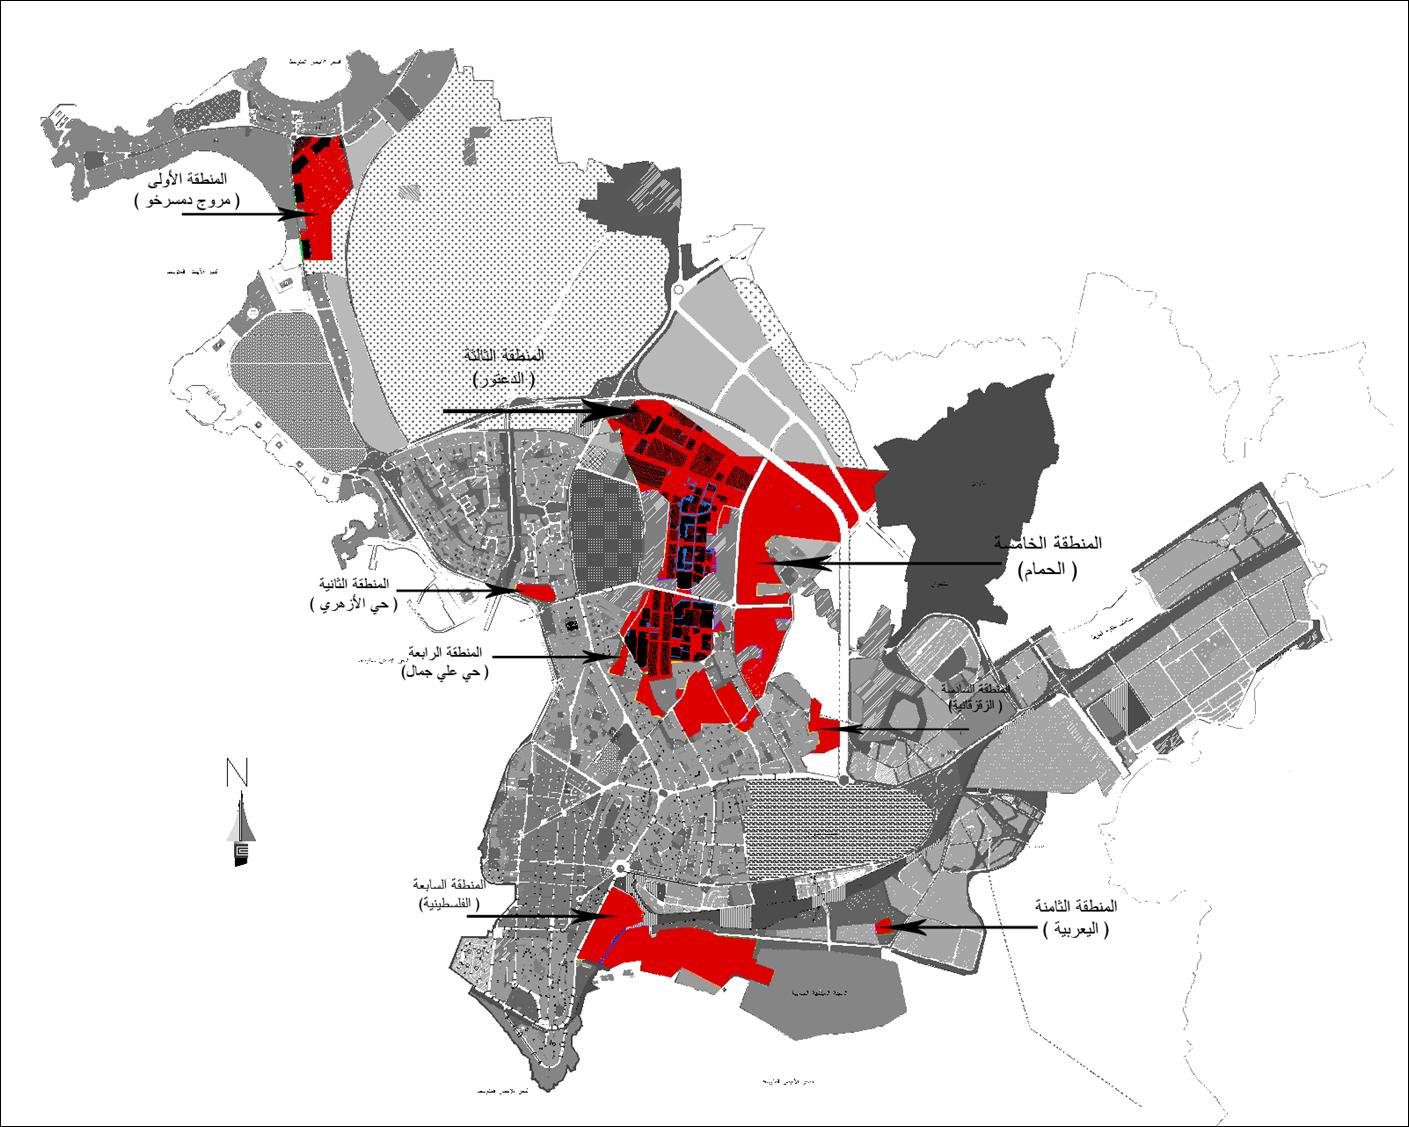 أعمال دائرة التنظيم العمراني خلال عام 2017 بما يخص مناطق المخالفات ..